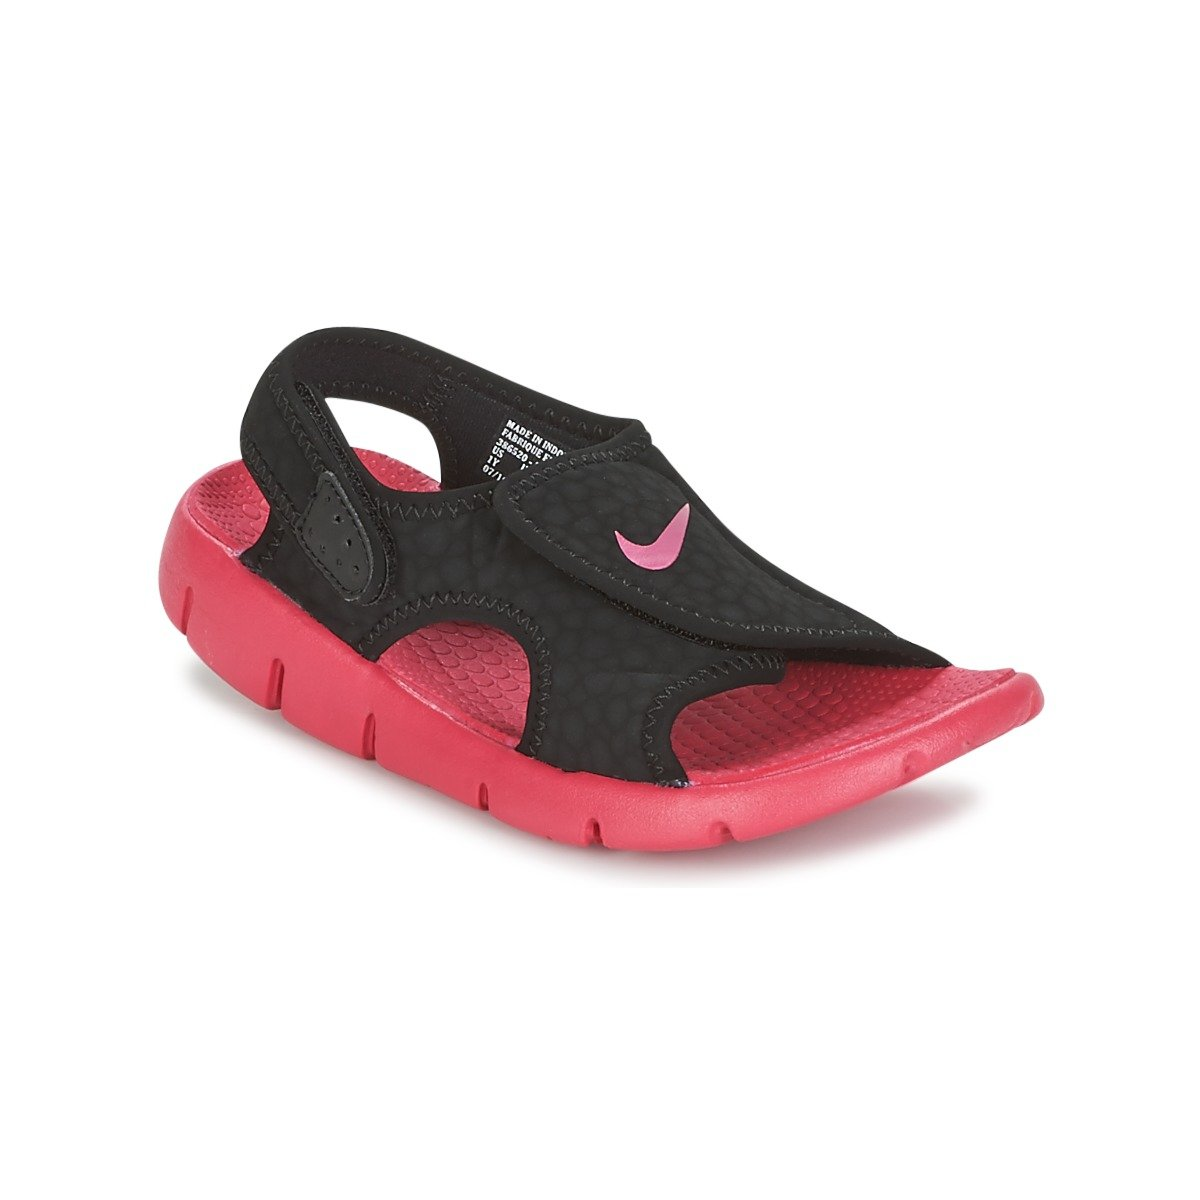 8af9e517e650 Nike Kids  Sunray Adjust 4 Toddler Sandals (6 M US Big Kid